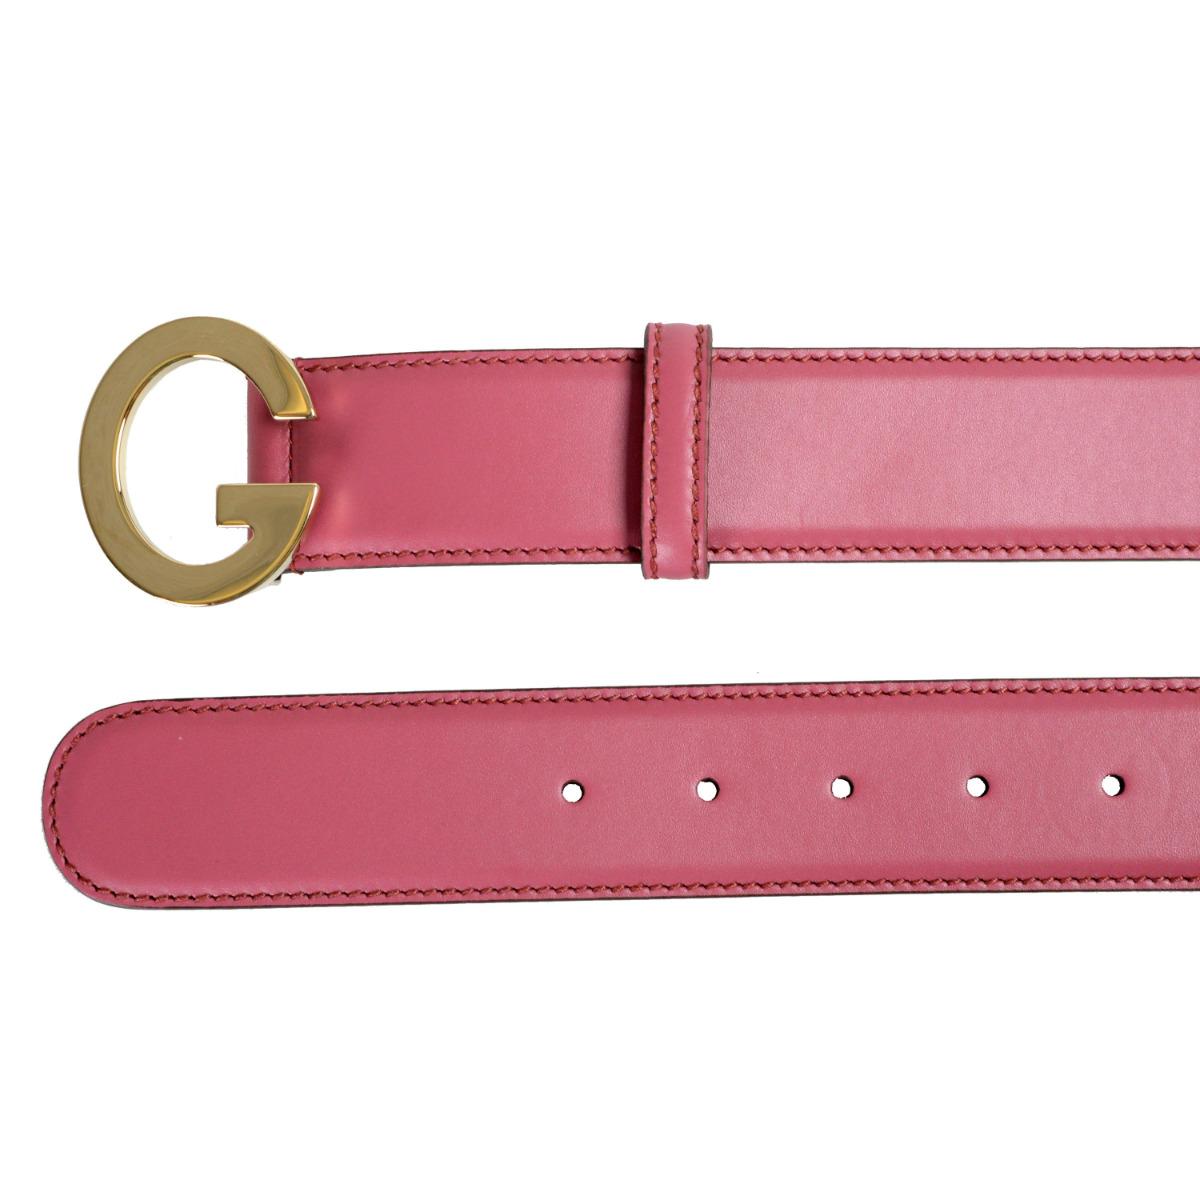 6b485615e6e6 Boucle de rose violacé clair unisexe Gucci décoré cuir ceinture Sz 32 36